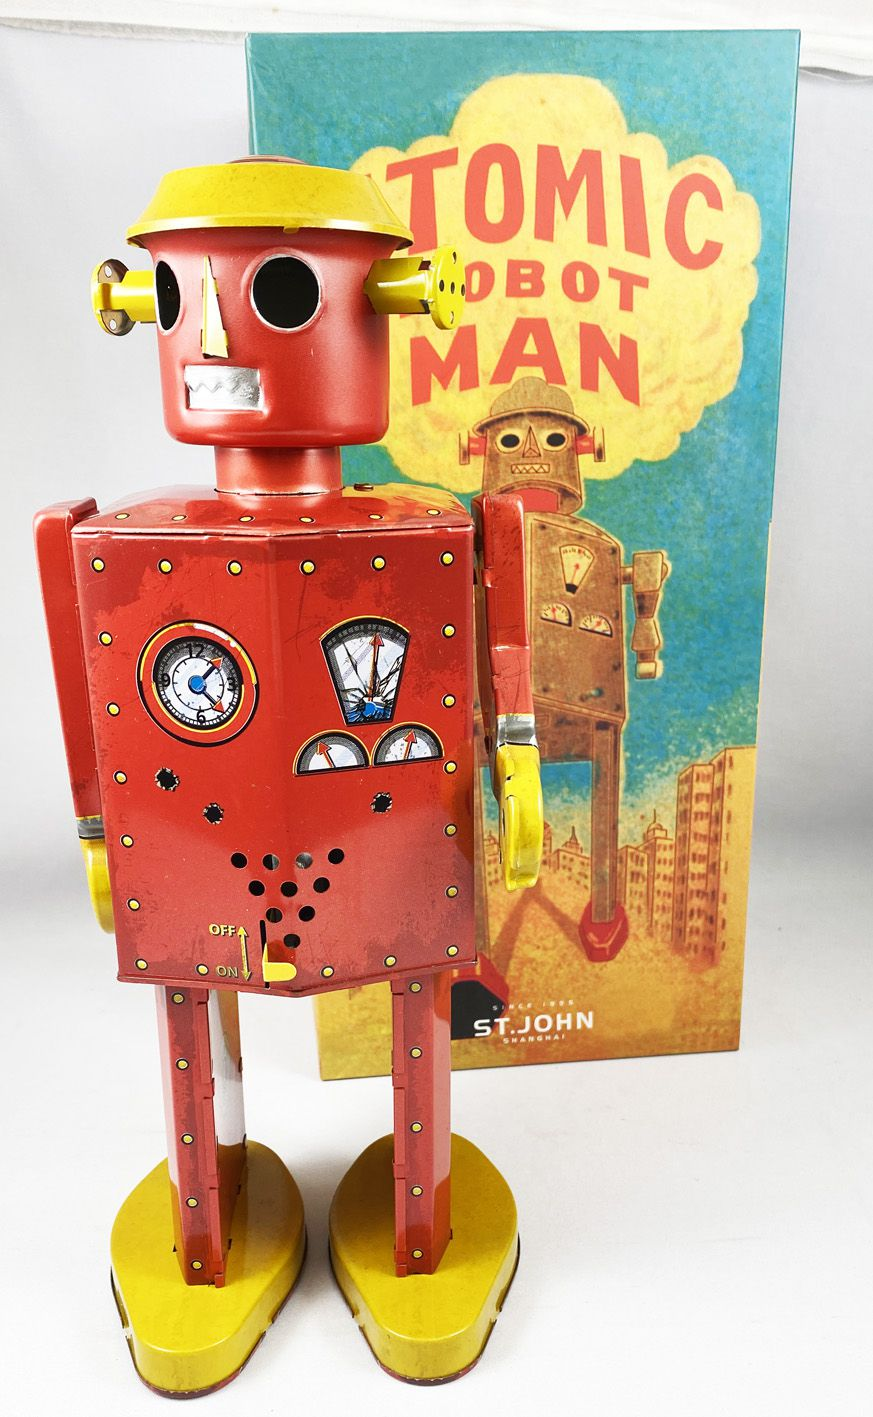 Robot - Mechanical Walking Tin Robot - Giant Atomic Robot Man Red (St.John Tin Toy)